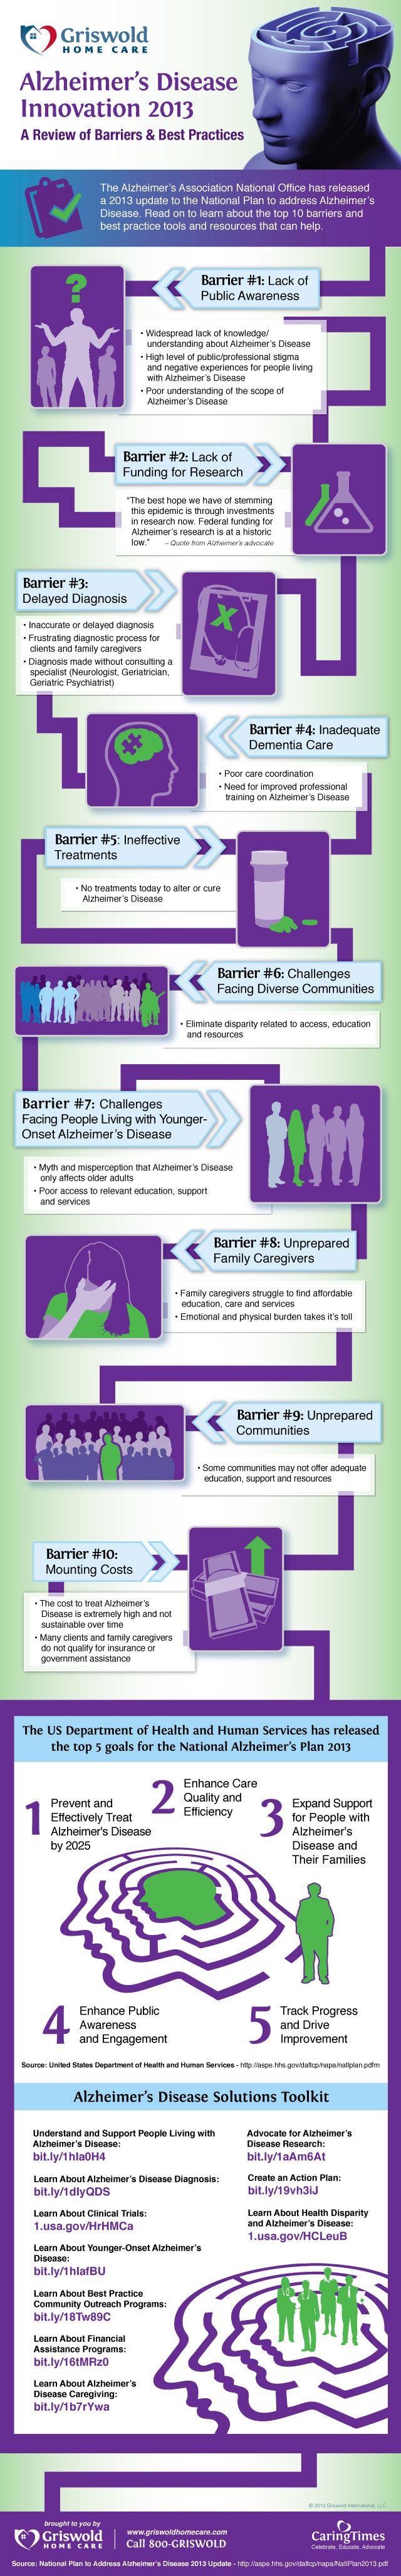 Alzheimer's Disease - Innovation